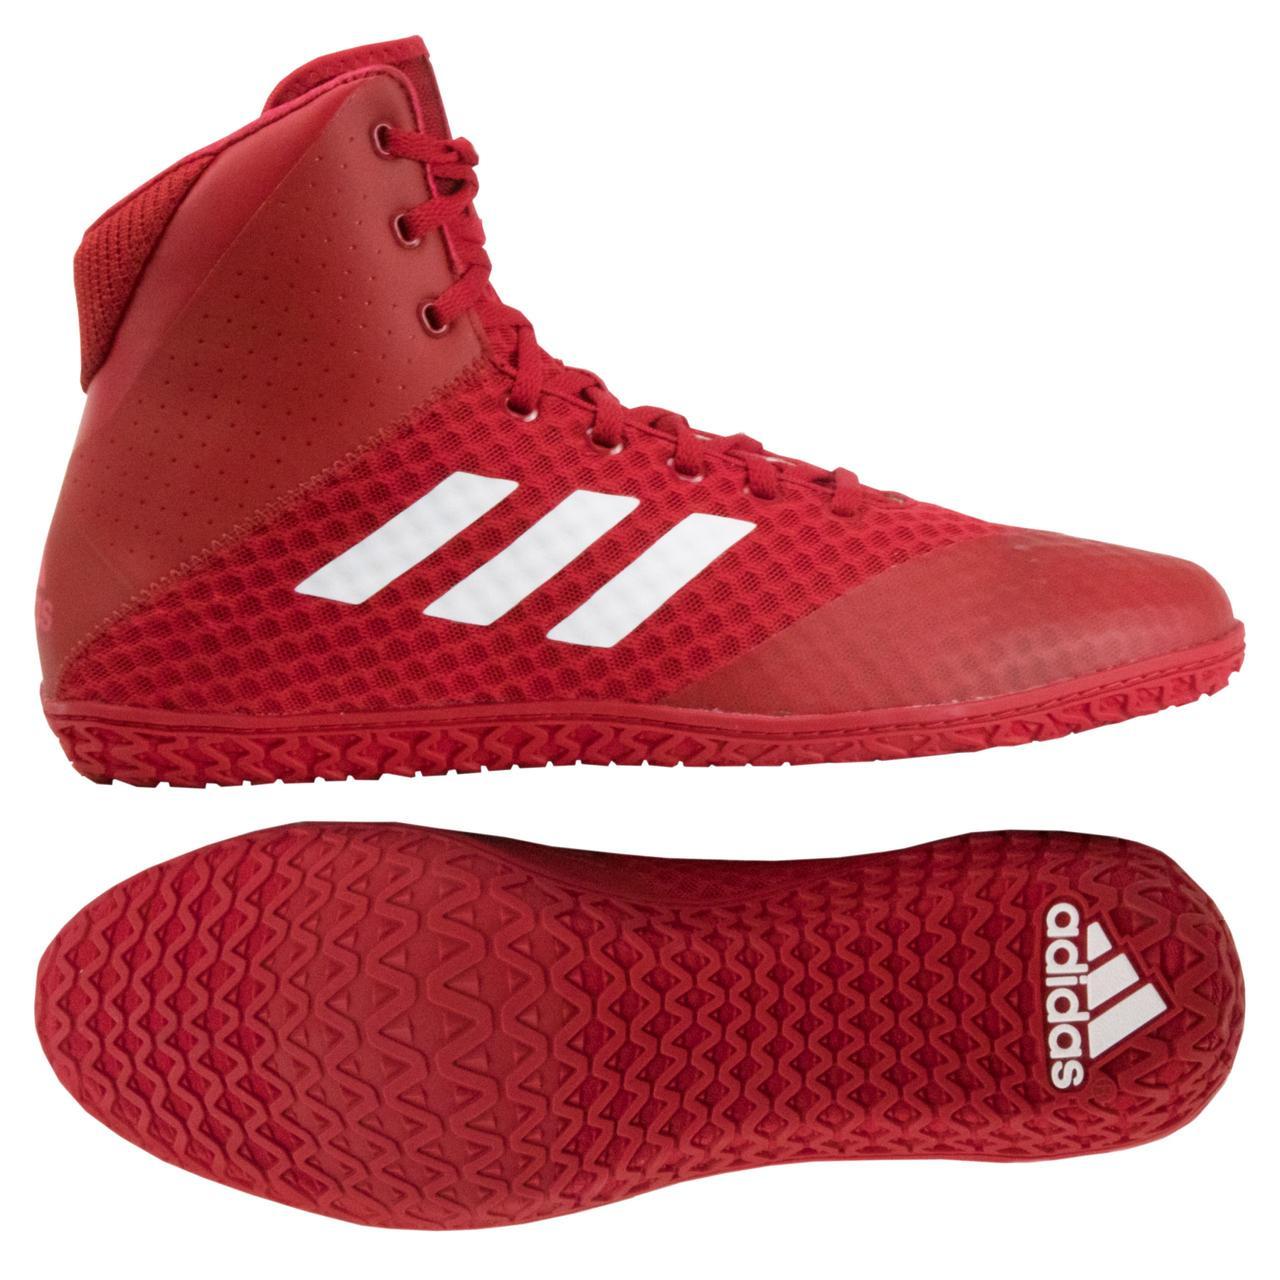 Борцовки, взуття для боксу Adidas Mat Wizard 4. Взуття для боротьби, боксу. Розмір 39,5